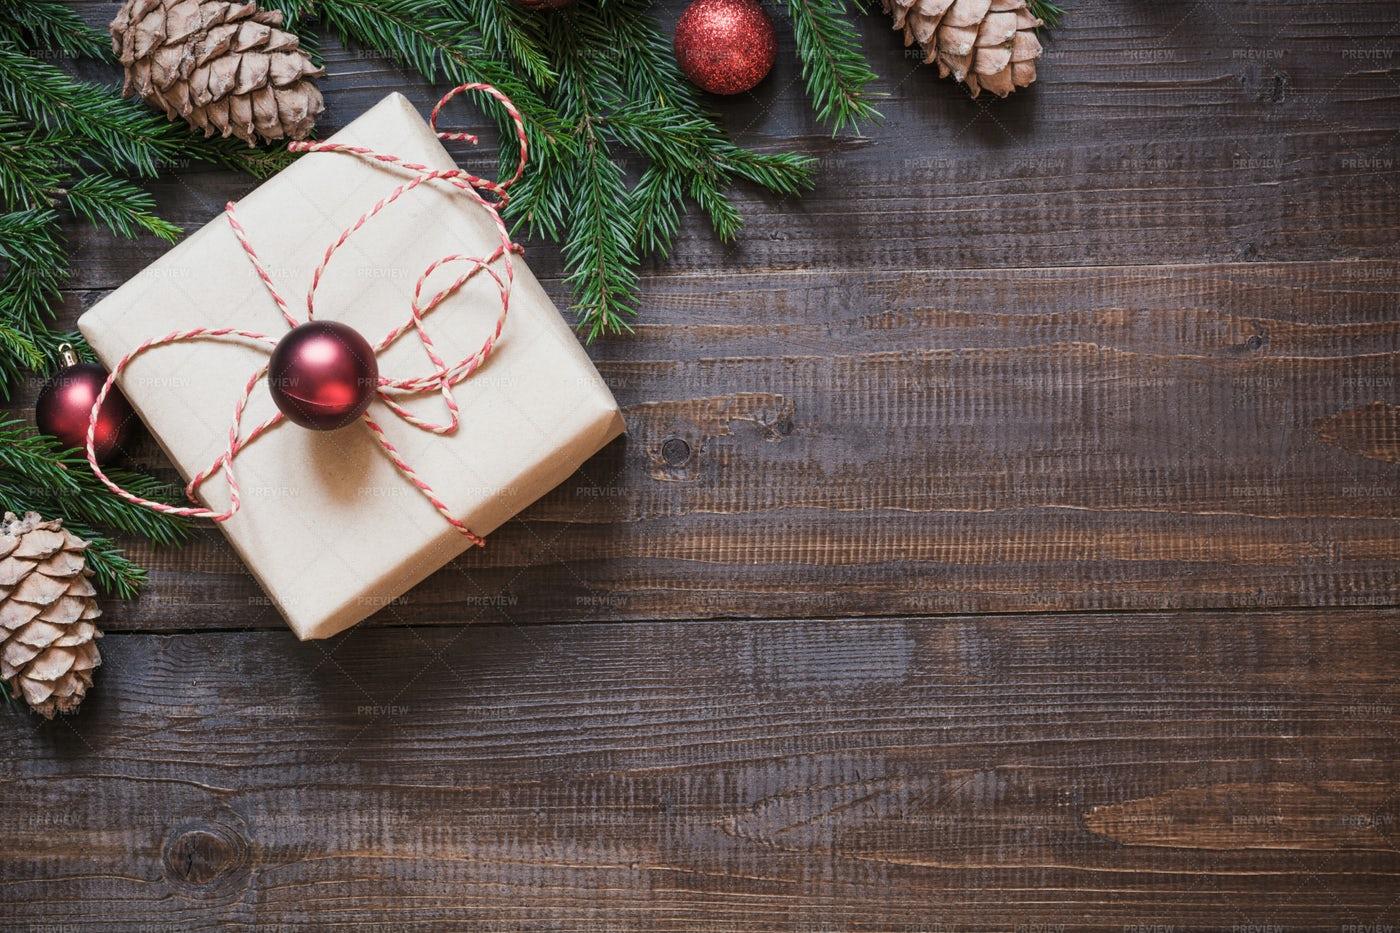 Christmas Gift On Wood: Stock Photos